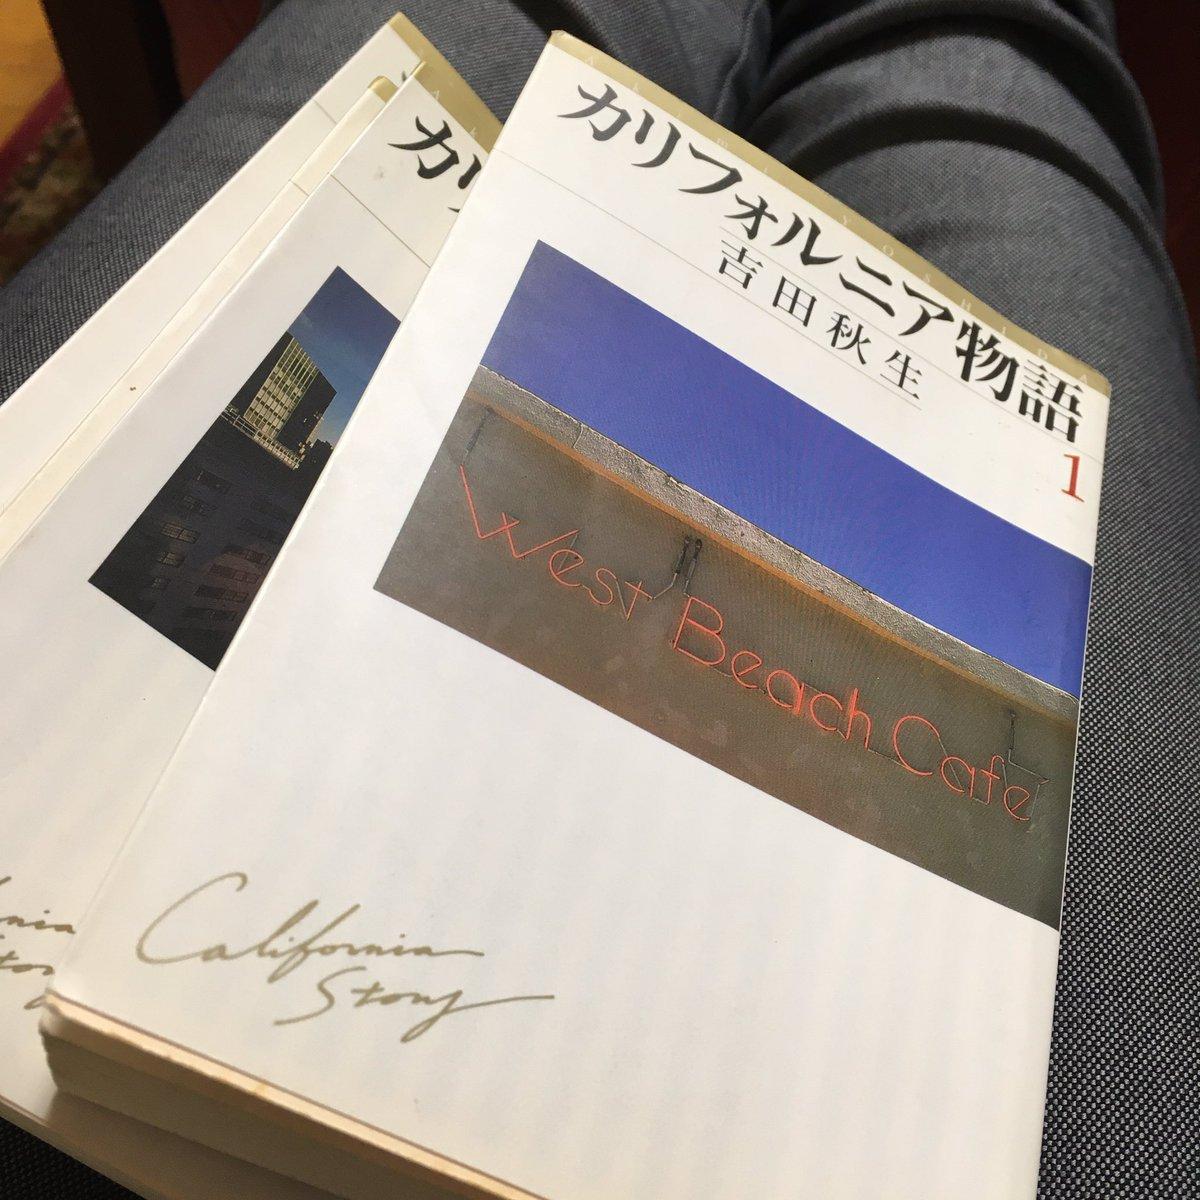 test ツイッターメディア - okayanと血糖値と低血糖の話から「夜叉」のストーリーを聞くに至り、初めての吉田秋生を某所で借りた。そして今のいままで「東京ラブストーリー」の原作者だとずっと勘違いしていたことに気がついたのである。 https://t.co/PfJrO3u20G